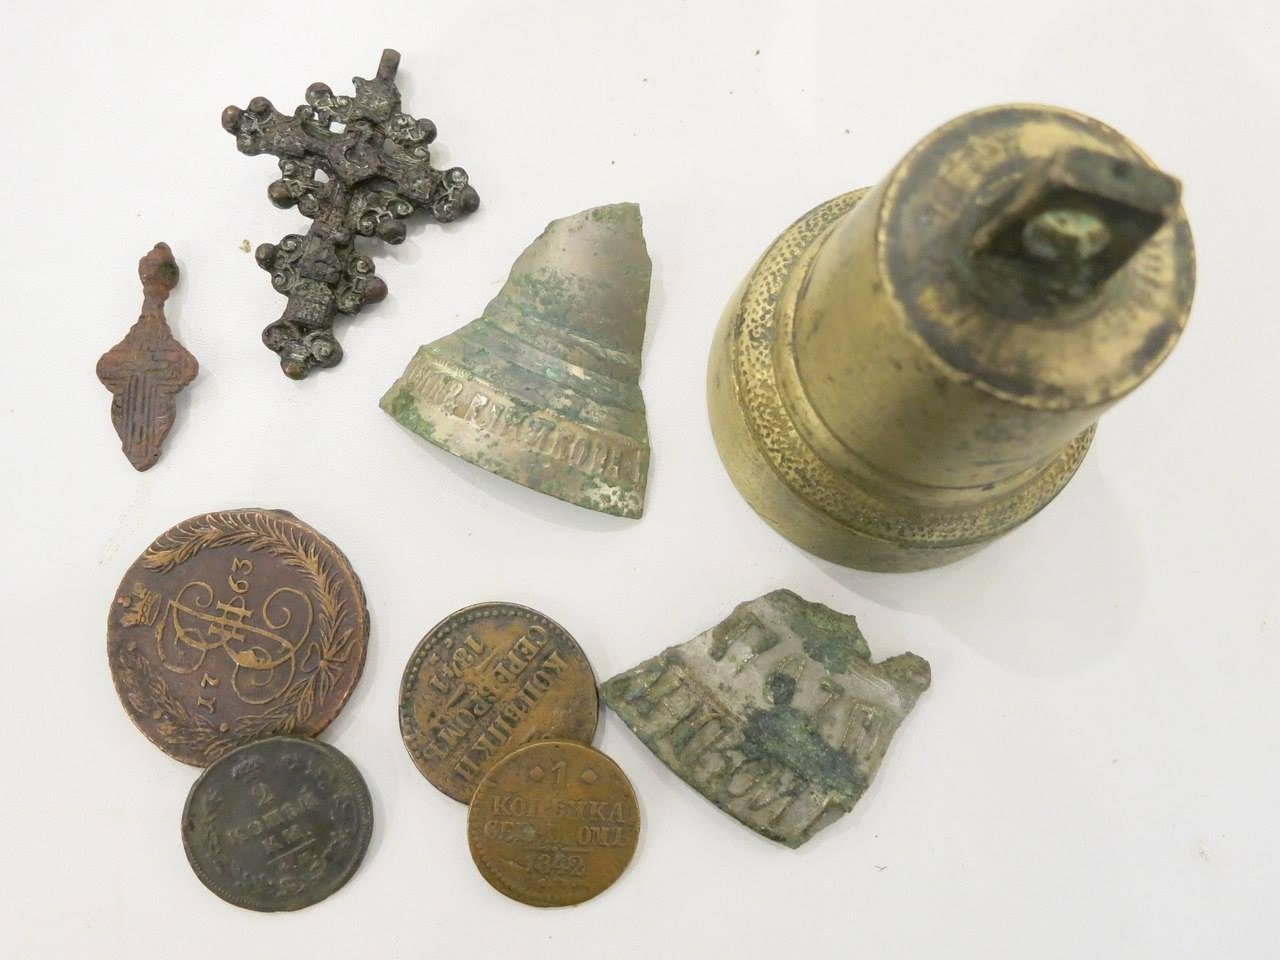 Выставка о древней истории новосибирска откроется 25 сентябр.